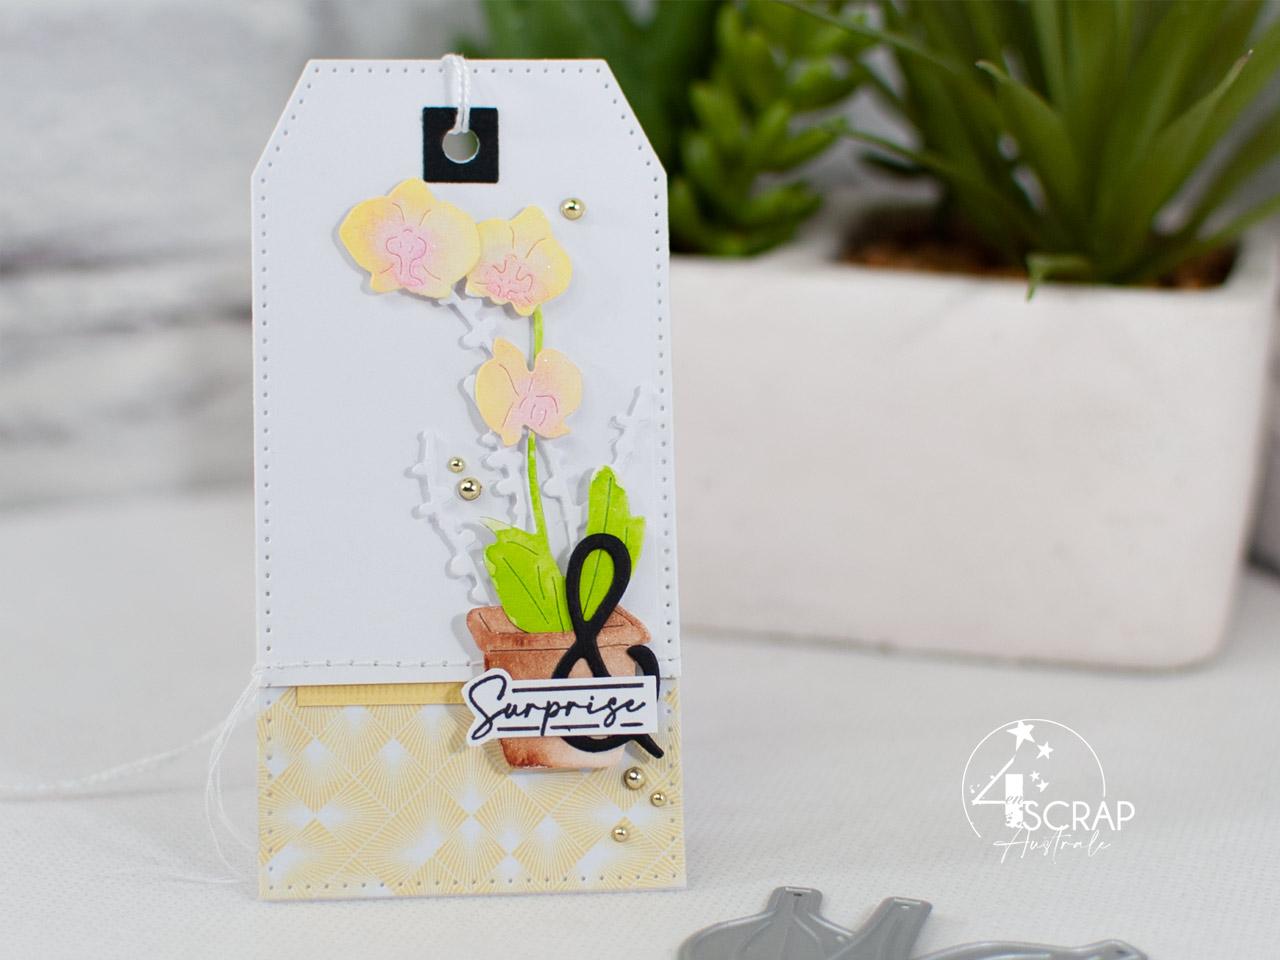 Création d'une étiquette cadeau pour anniversaire avec des orchidées à l'aquarelle.